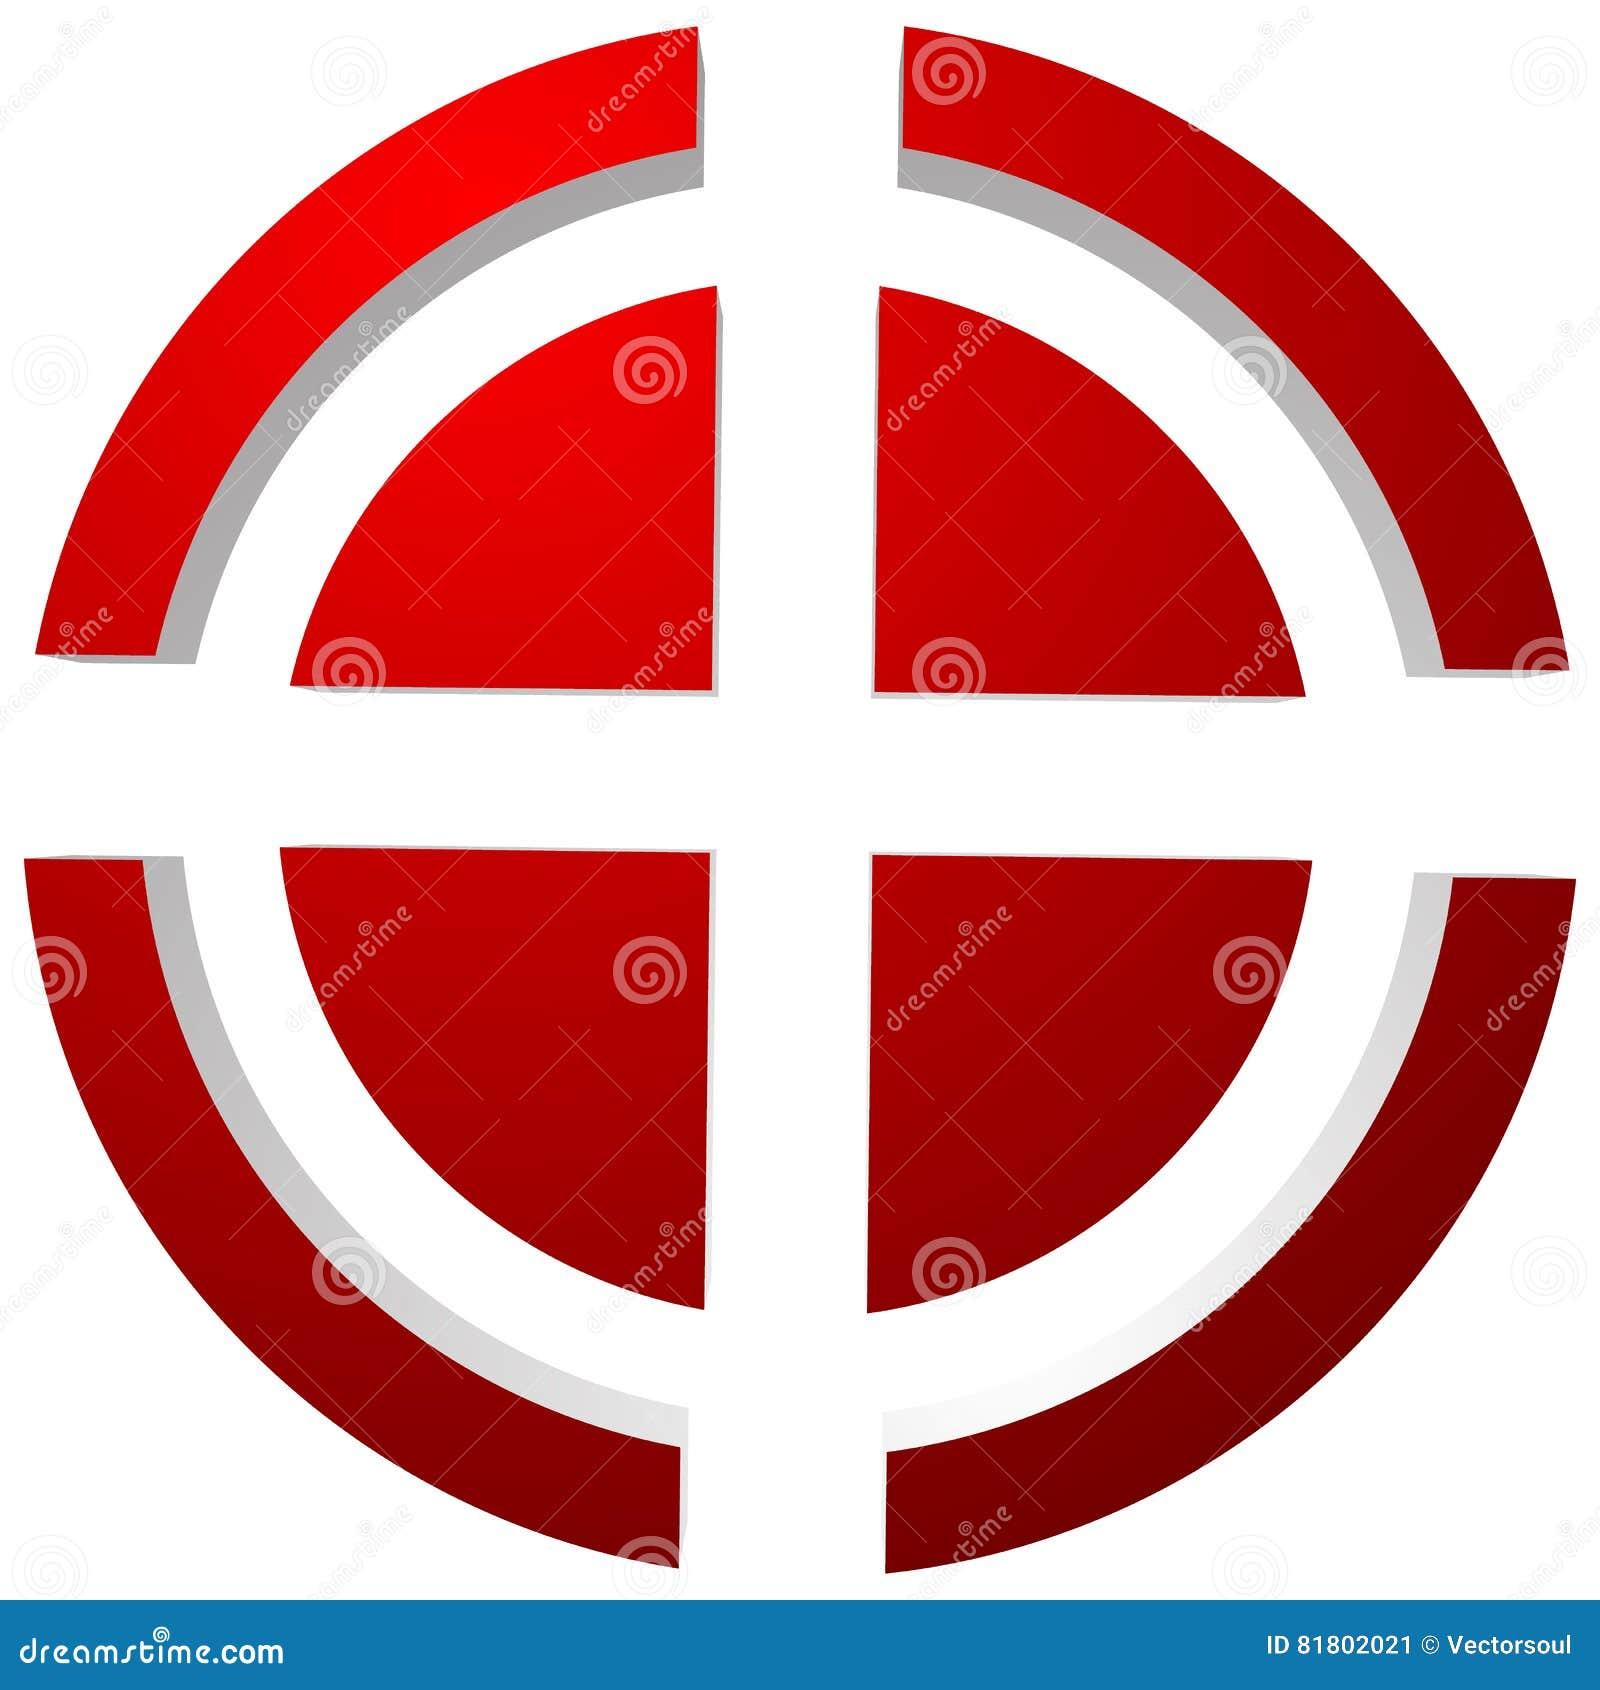 Прицельтесь метка, перекрещение, значок перекрестия для фокуса, точности, цели